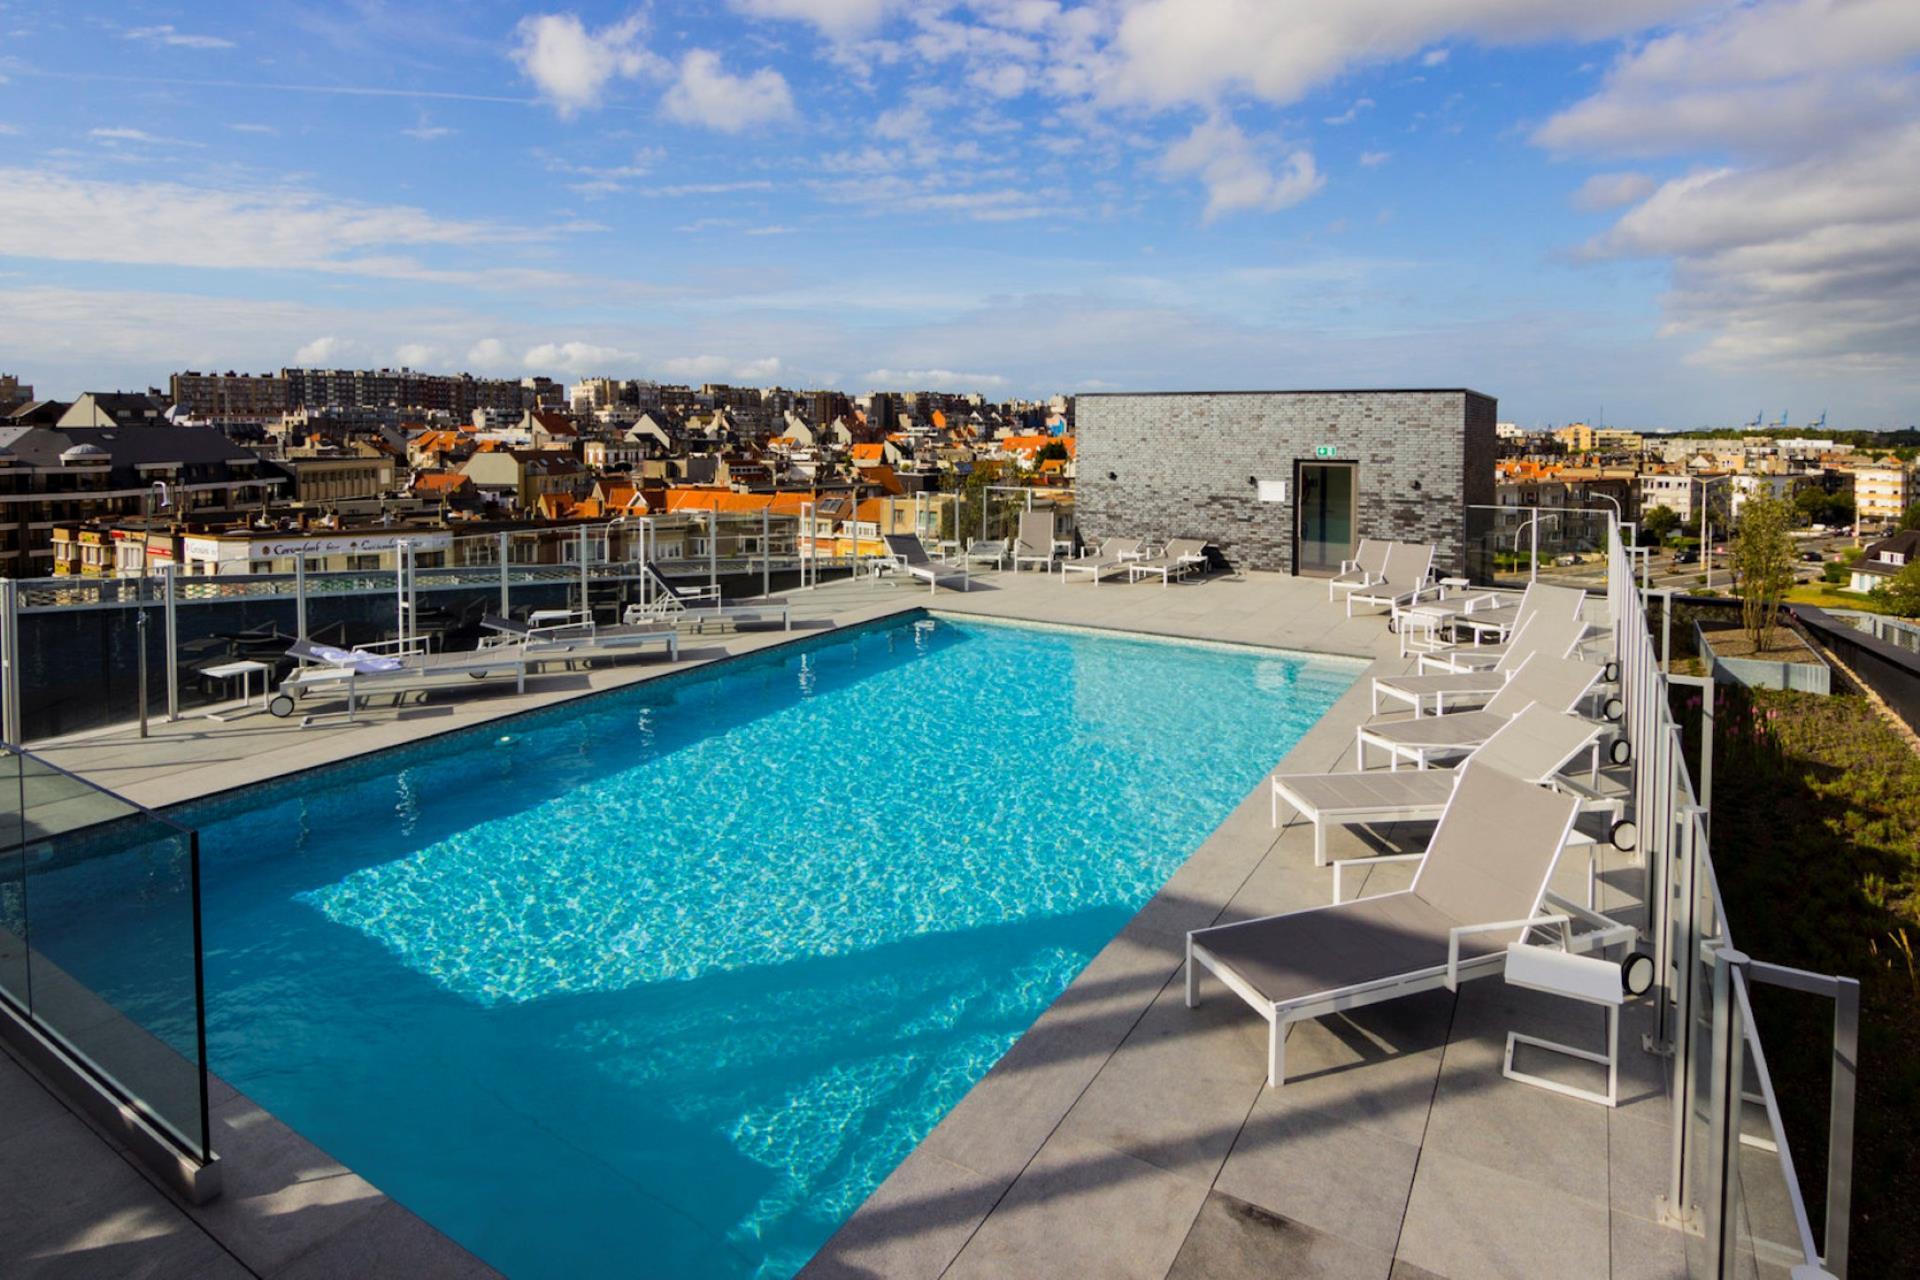 Prachtig zwembad op het dak